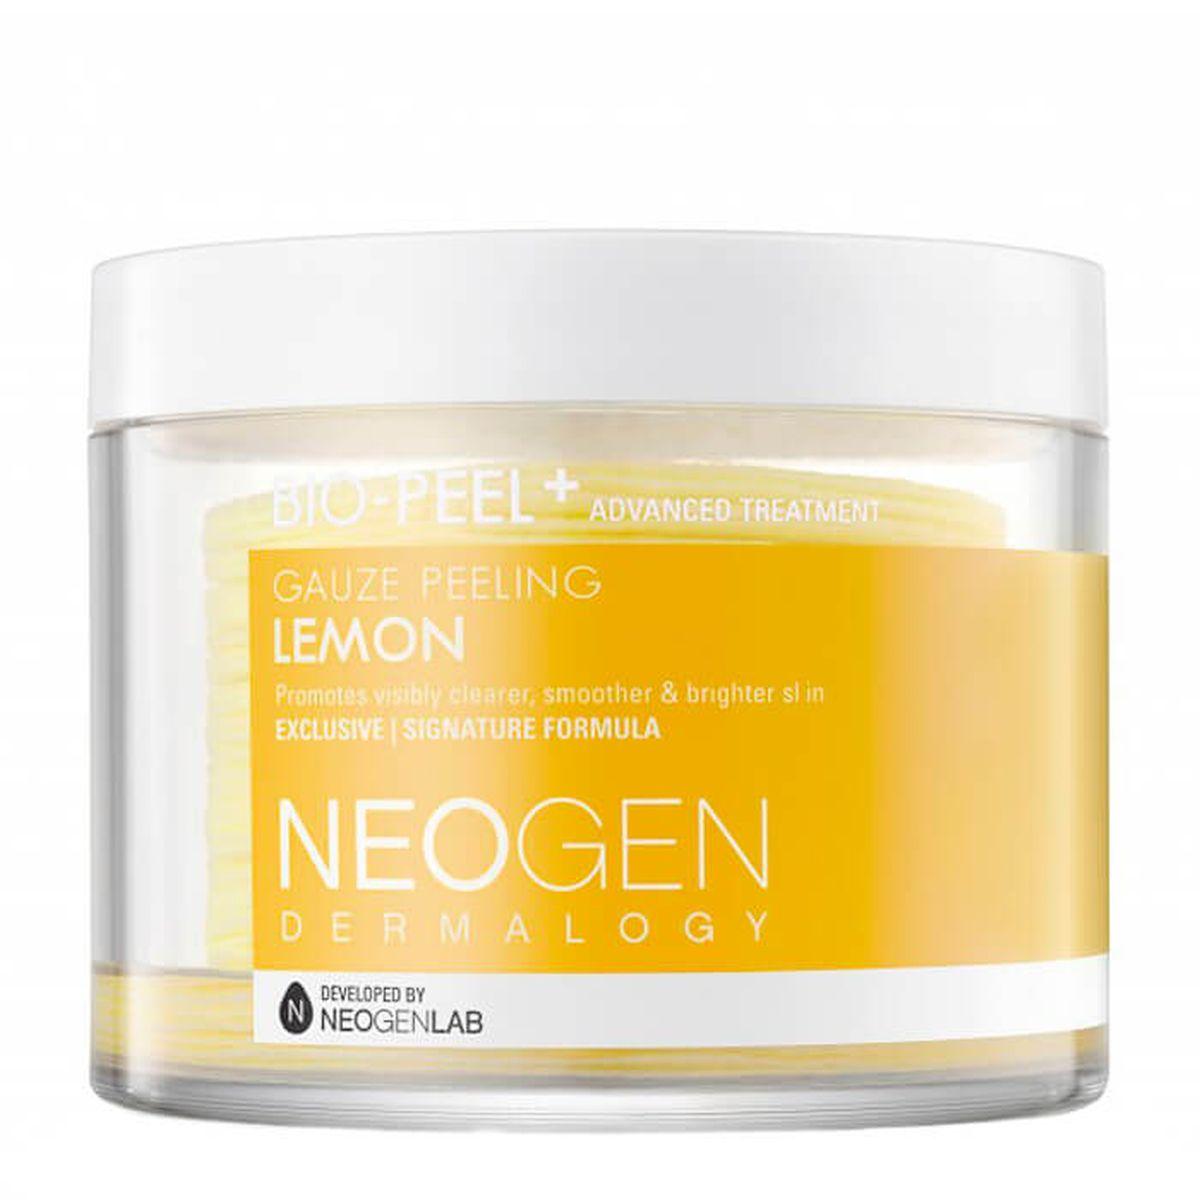 Очищающие пэды с лимоном Neogen Dermalogy Bio-Peel Gauze Peeling Lemon - 30 шт